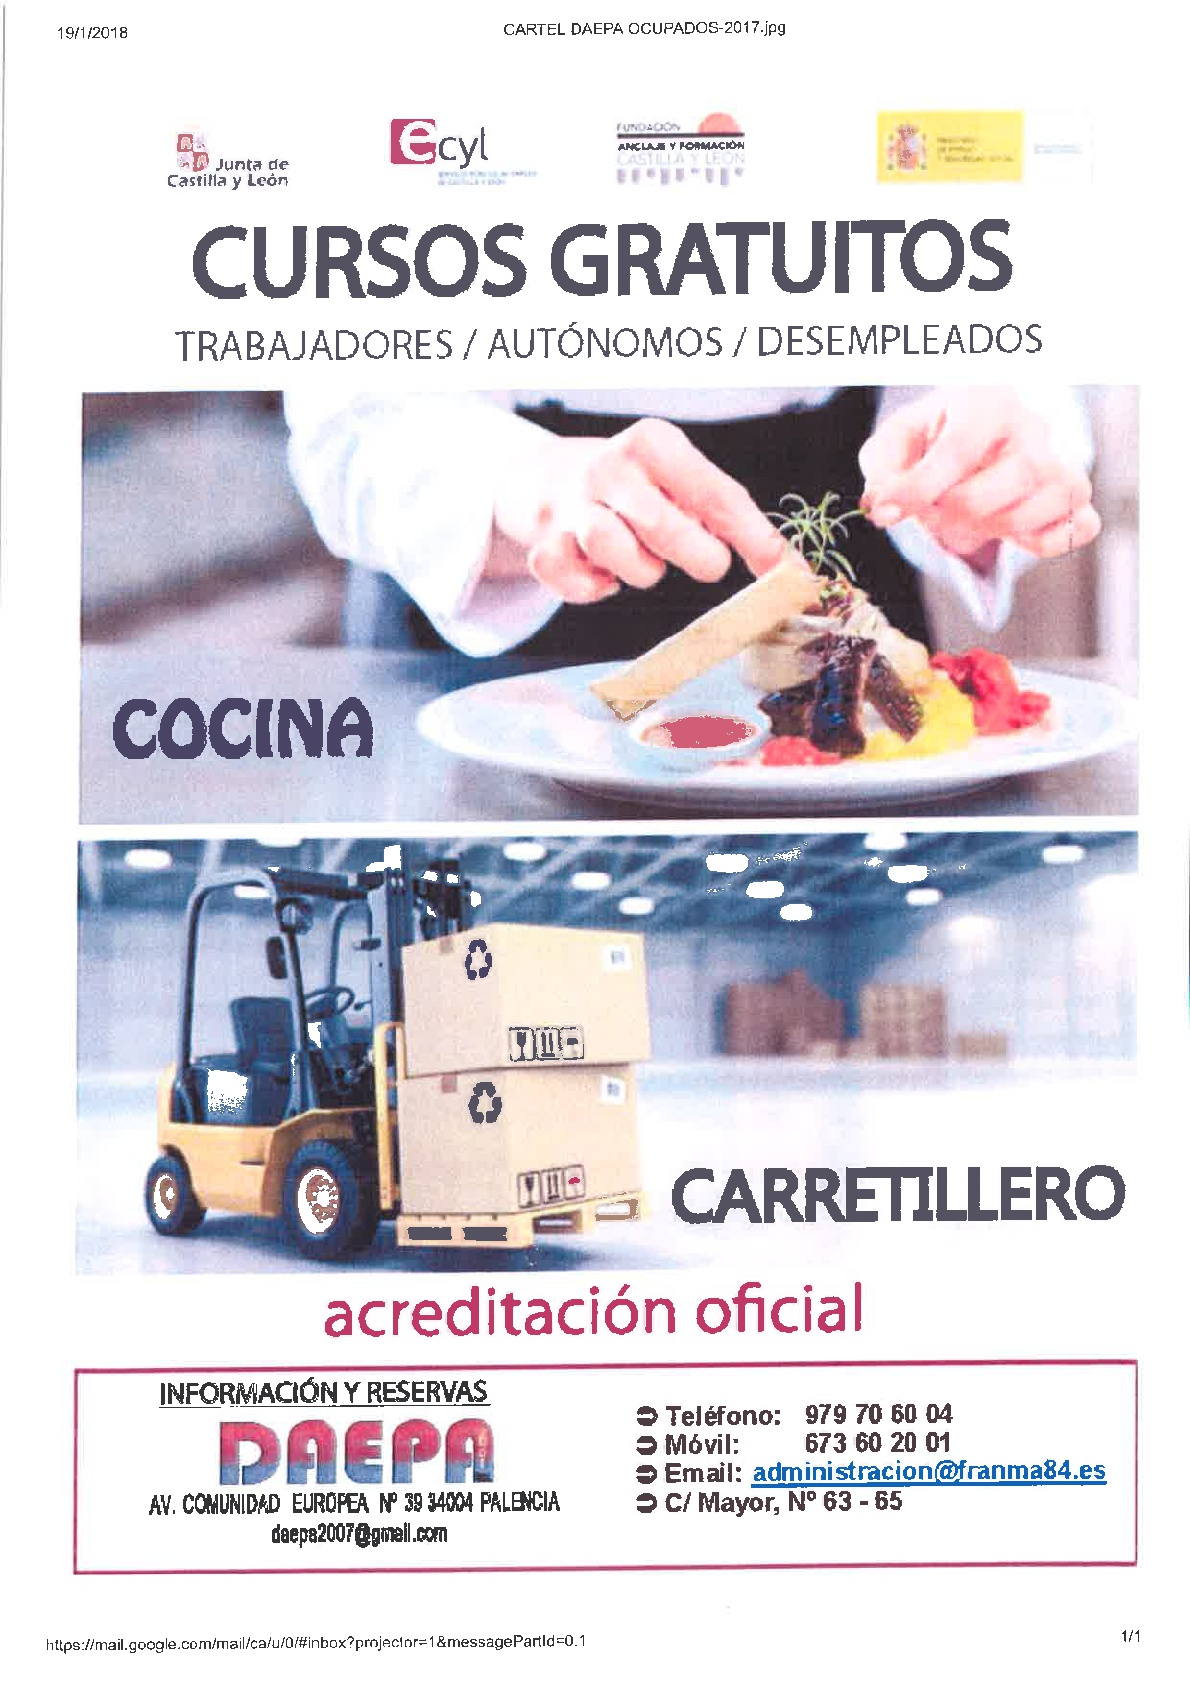 COCINA Y CARRETILLERO